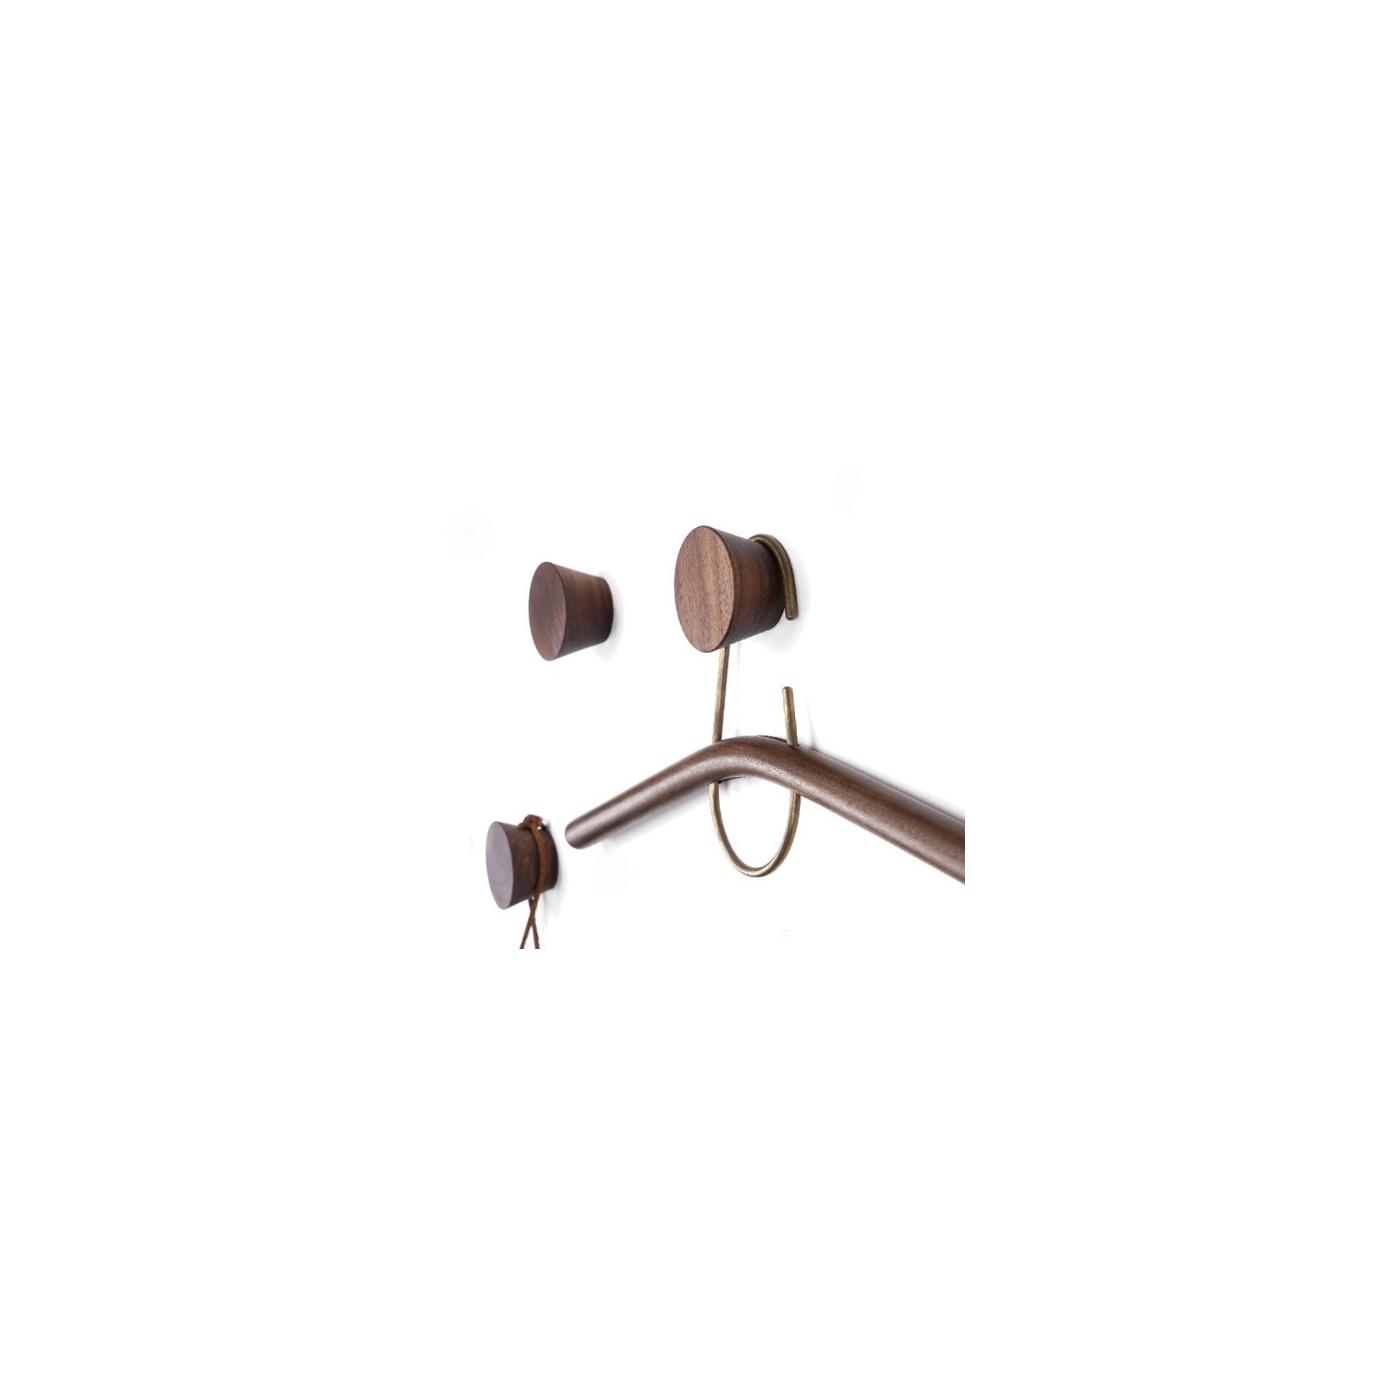 Gancho de ropa de madera, nogal (1 pieza de tipo 2)  - 1